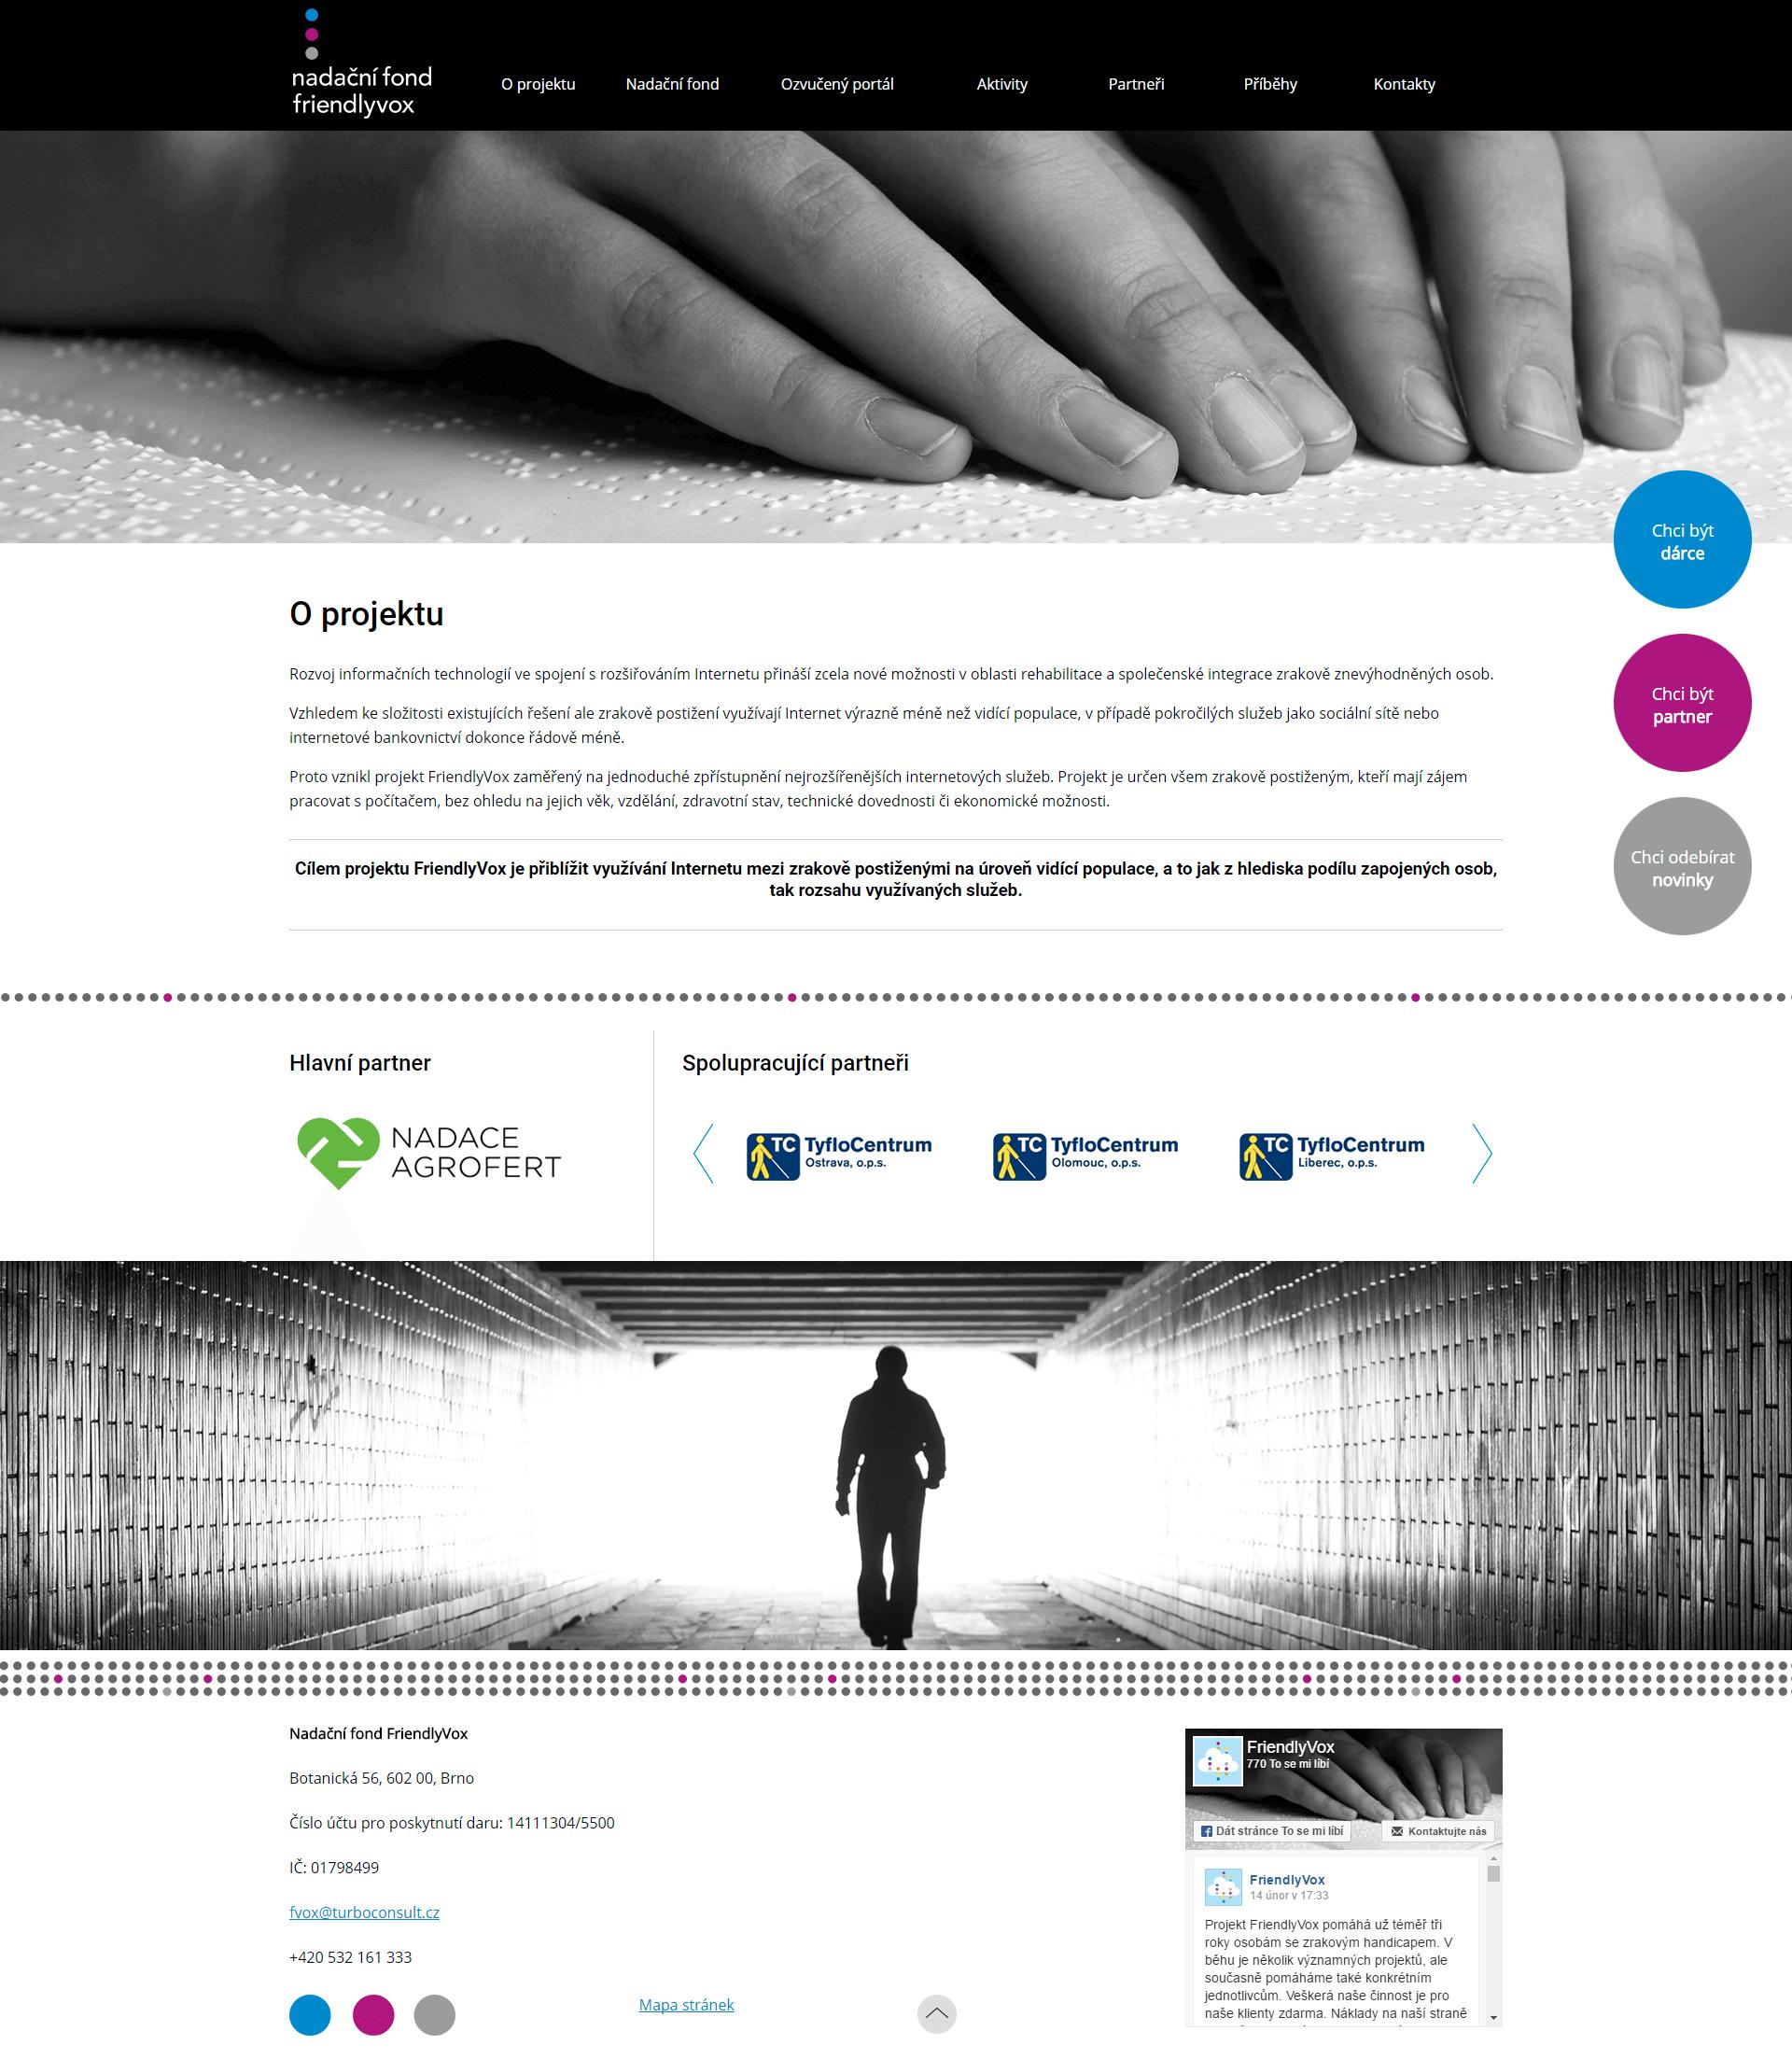 poplatek za připojení Gruzie do sítě